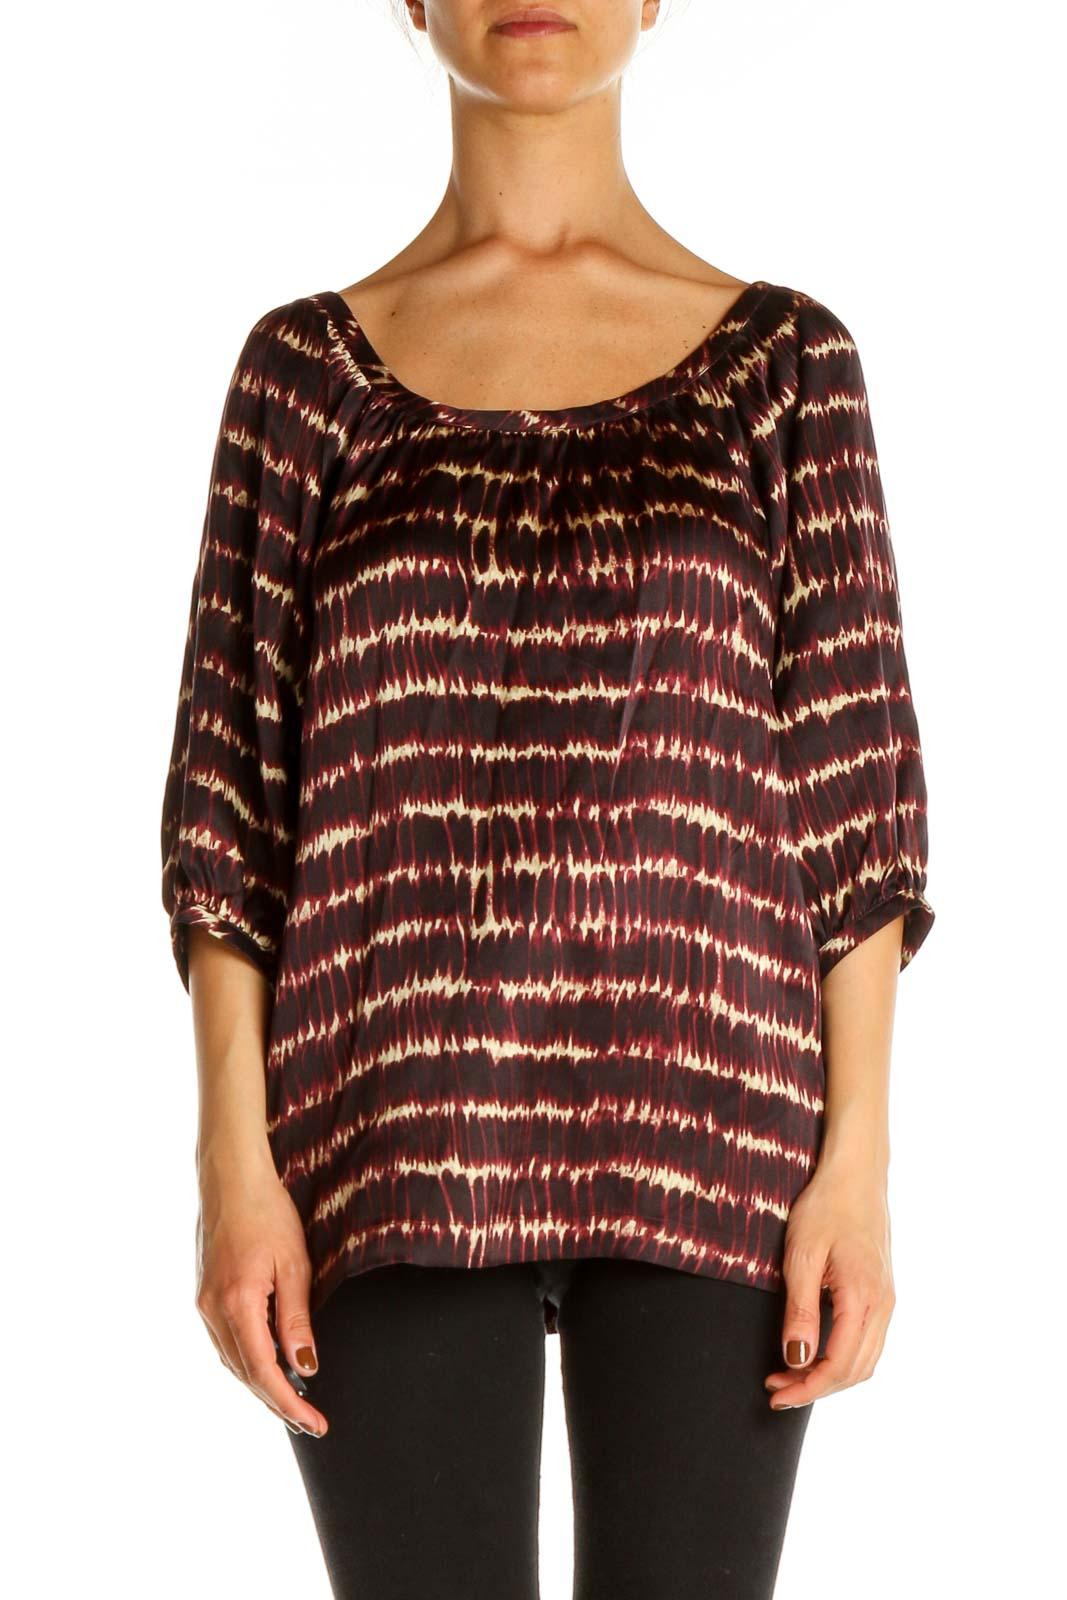 Brown Striped Bohemian Blouse Front